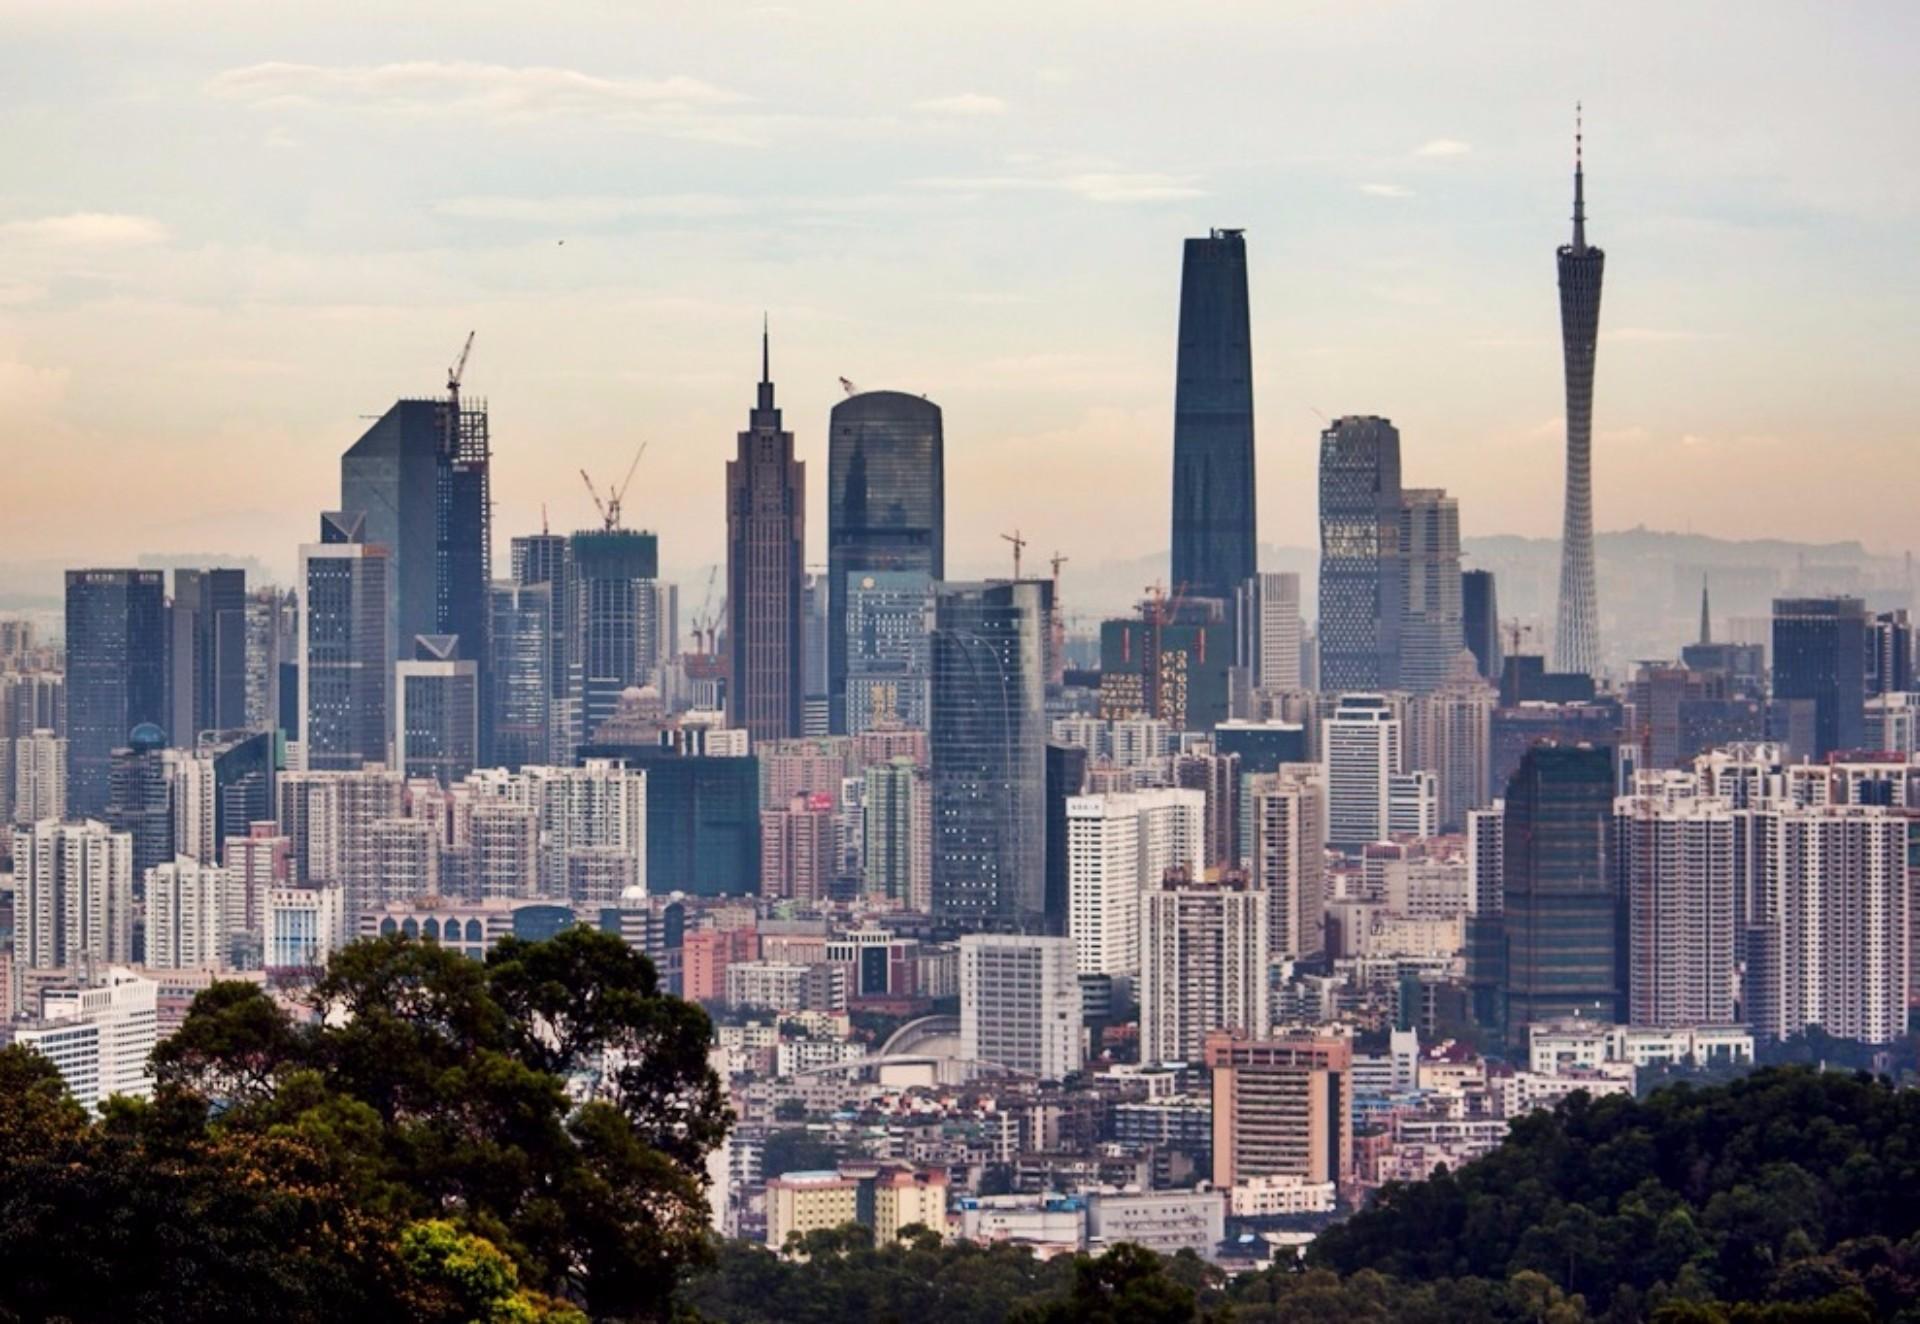 Guangzhou Population in 2017